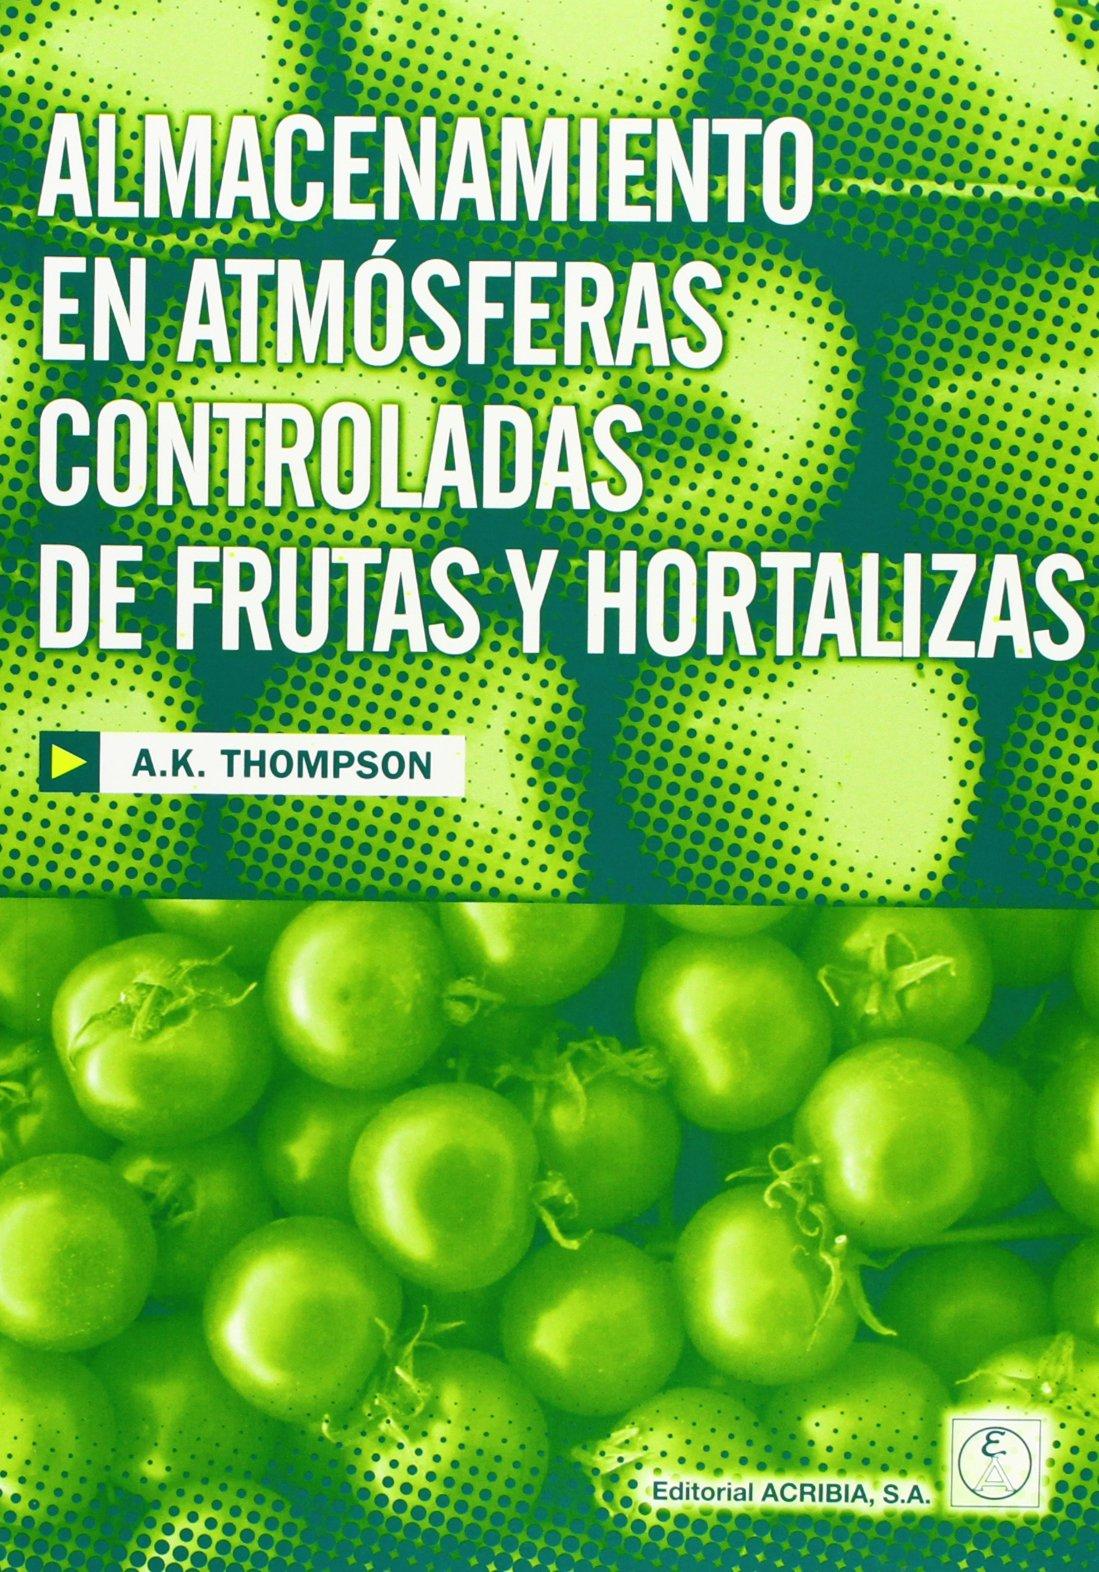 Almacenamiento En Atmosferas Controladas de Frutas y Hortalizas (Spanish Edition) (Spanish) Paperback – October, 2003